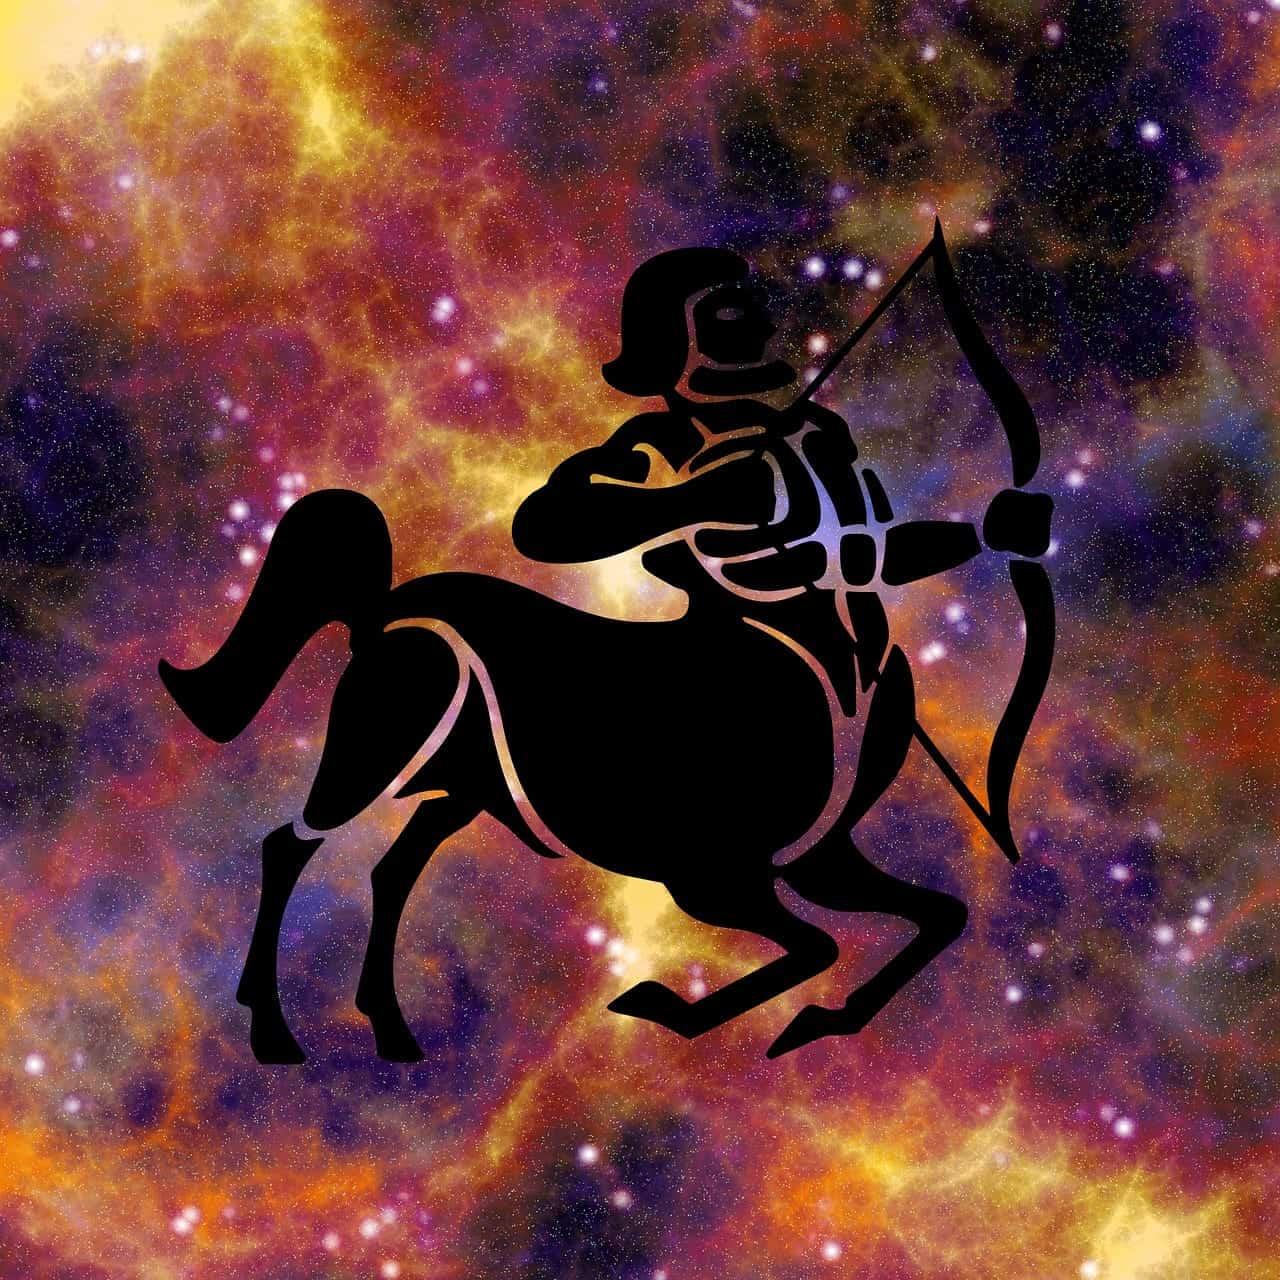 sagitario horóscopo de la semana, del 13 al 19 de mayo 2019, ¡grandes propuest ID187657 - hermandadblanca.org